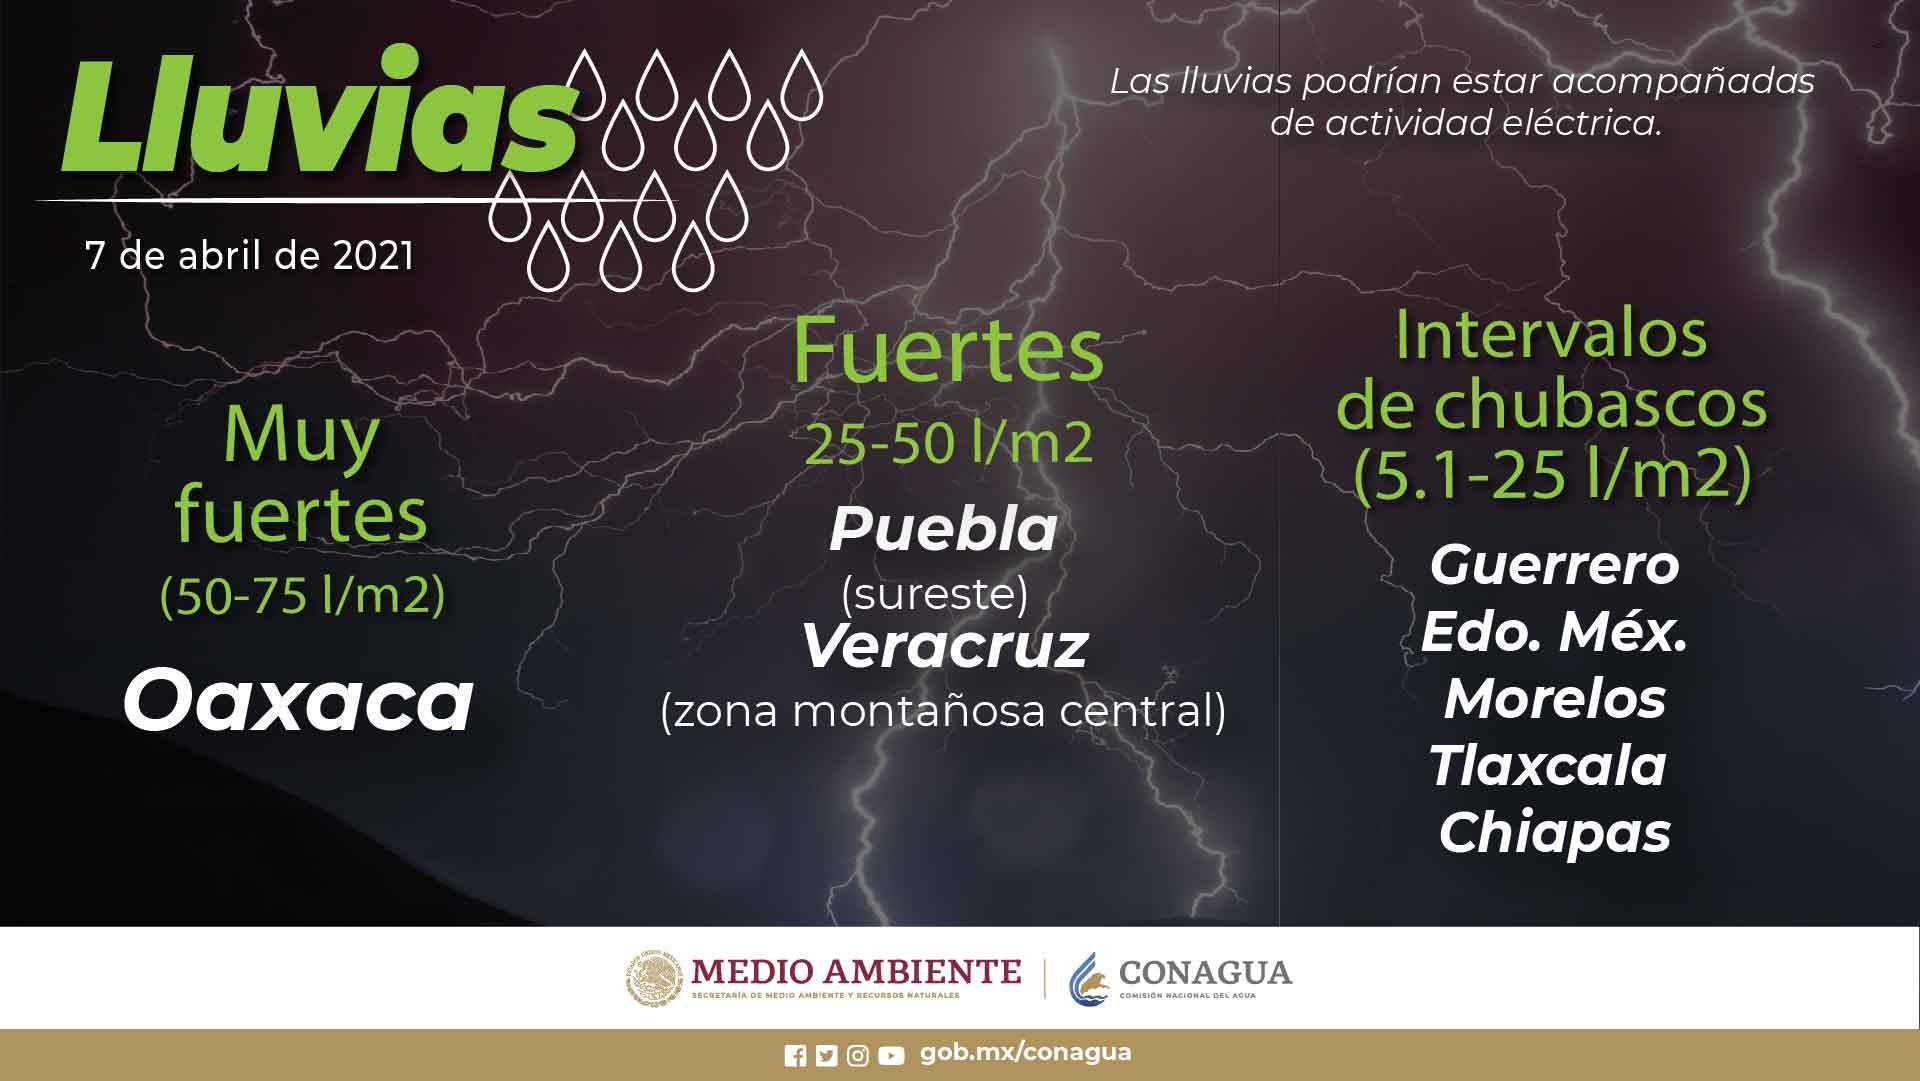 Lluvias puntuales muy fuertes, se pronostican para zonas de Oaxaca, y fuertes para Puebla y Veracruz